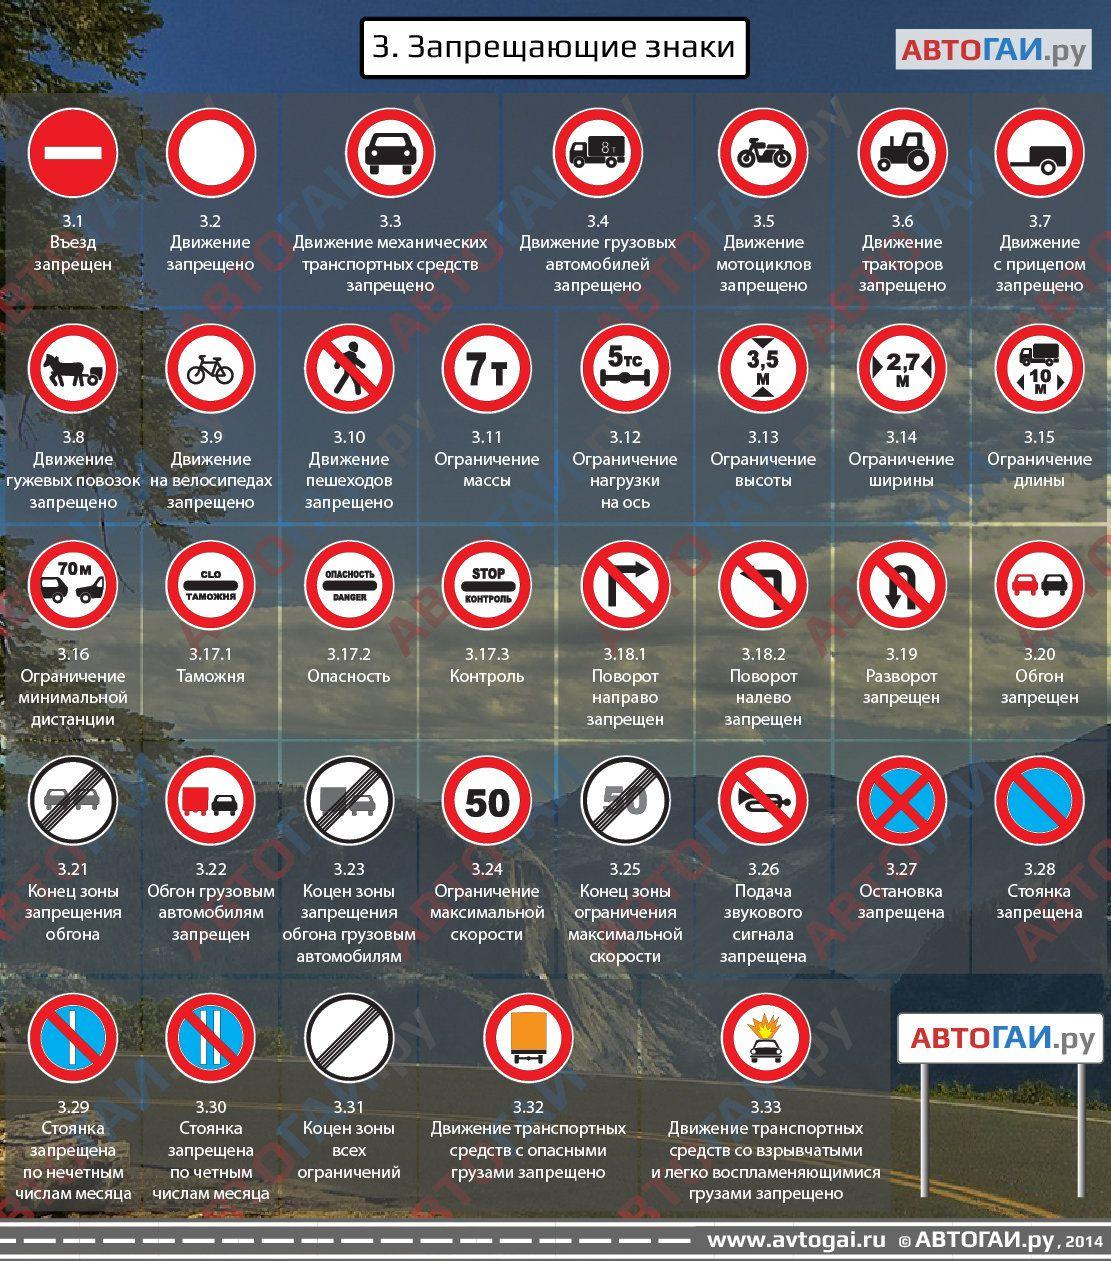 Zapreshayushie Znaki Dvizheniya Preduprezhdayushie Znaki Znaki Obsluzhivanie Avtomobilya